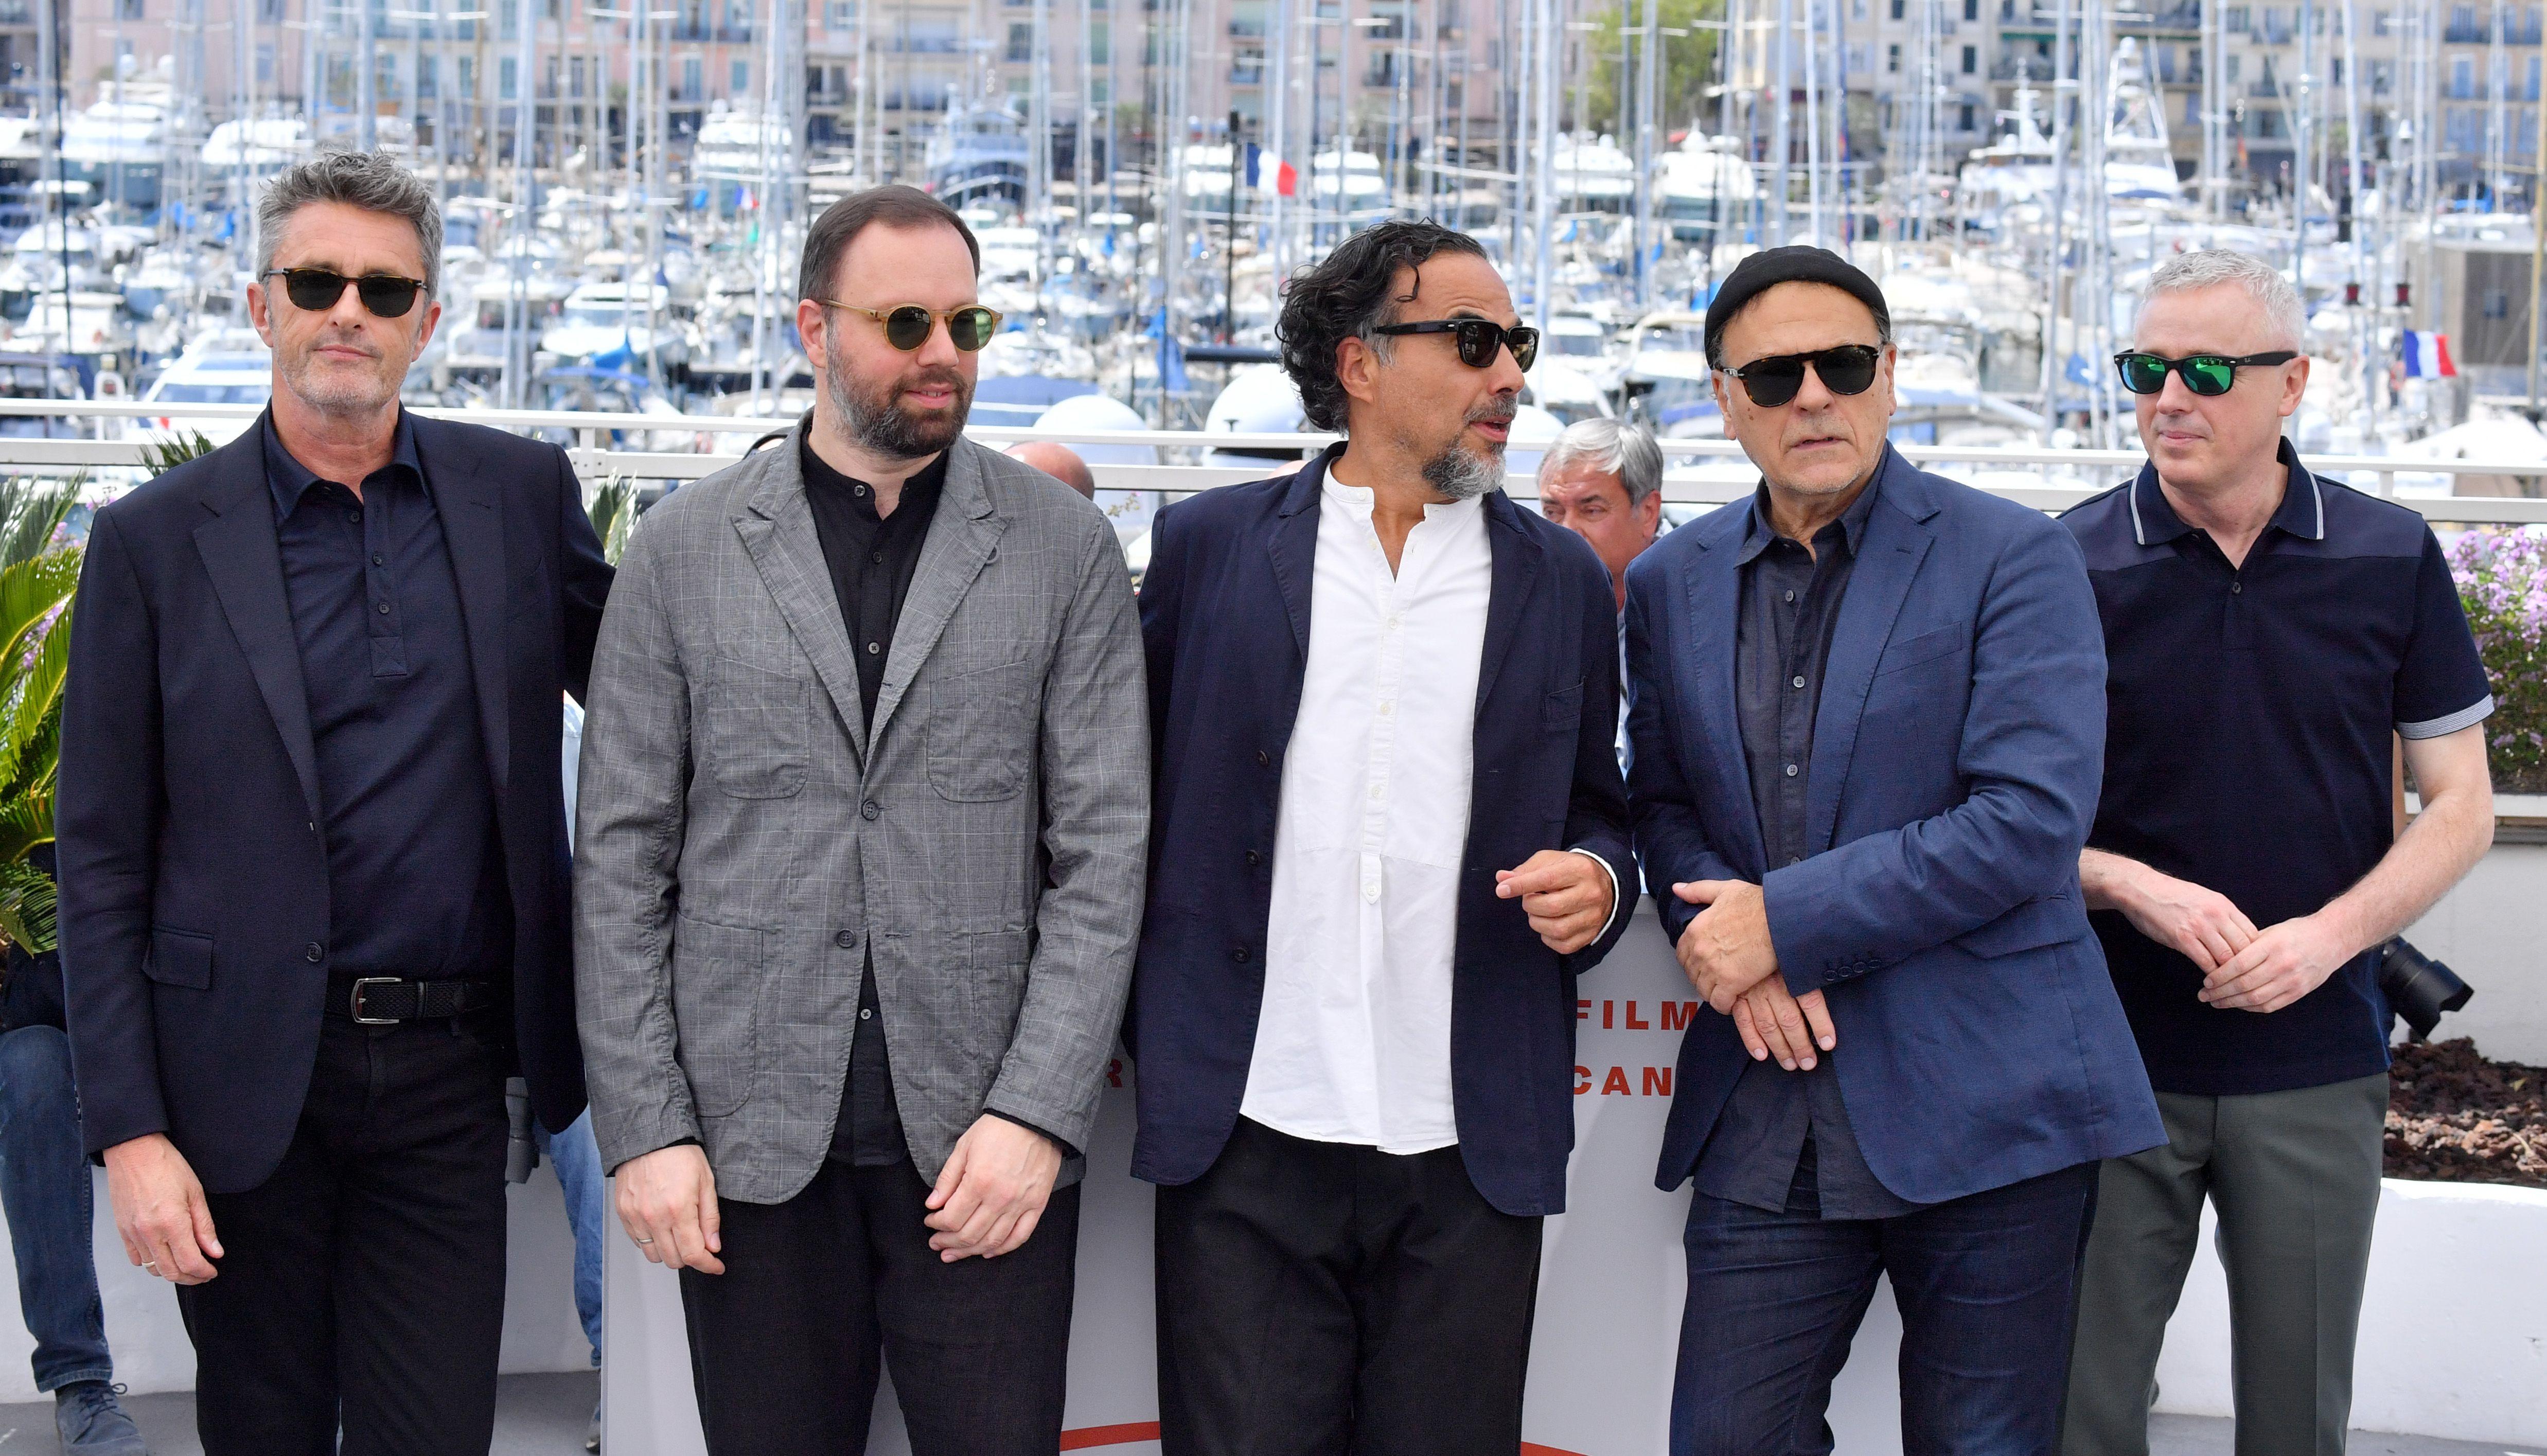 Pawel Pawlikowski, Yorgos Lanthimos, Alejandro Gonzalez Inarritu, Enki Bilal and Robin CampilloJury photocall, 72nd Cannes Film Festival, France - 14 May 2019